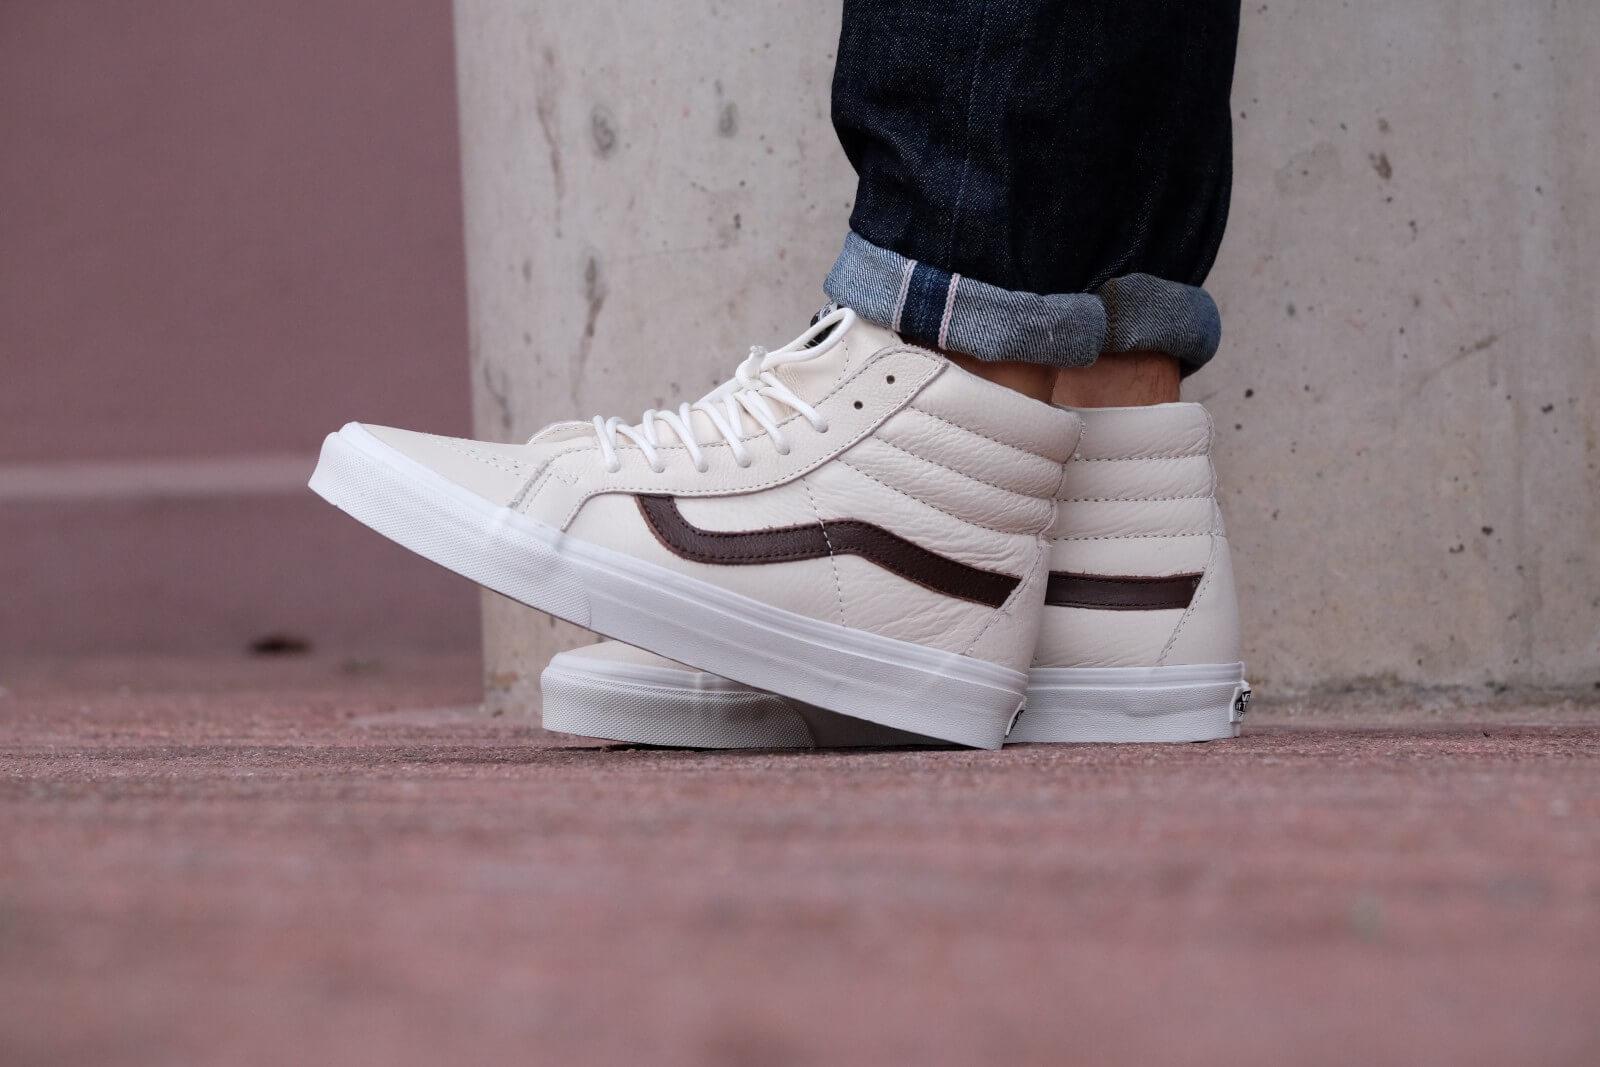 Vans Sk8-Hi Reissue Leather - Blanc / Potting Soil - VN0A2XSBLYT